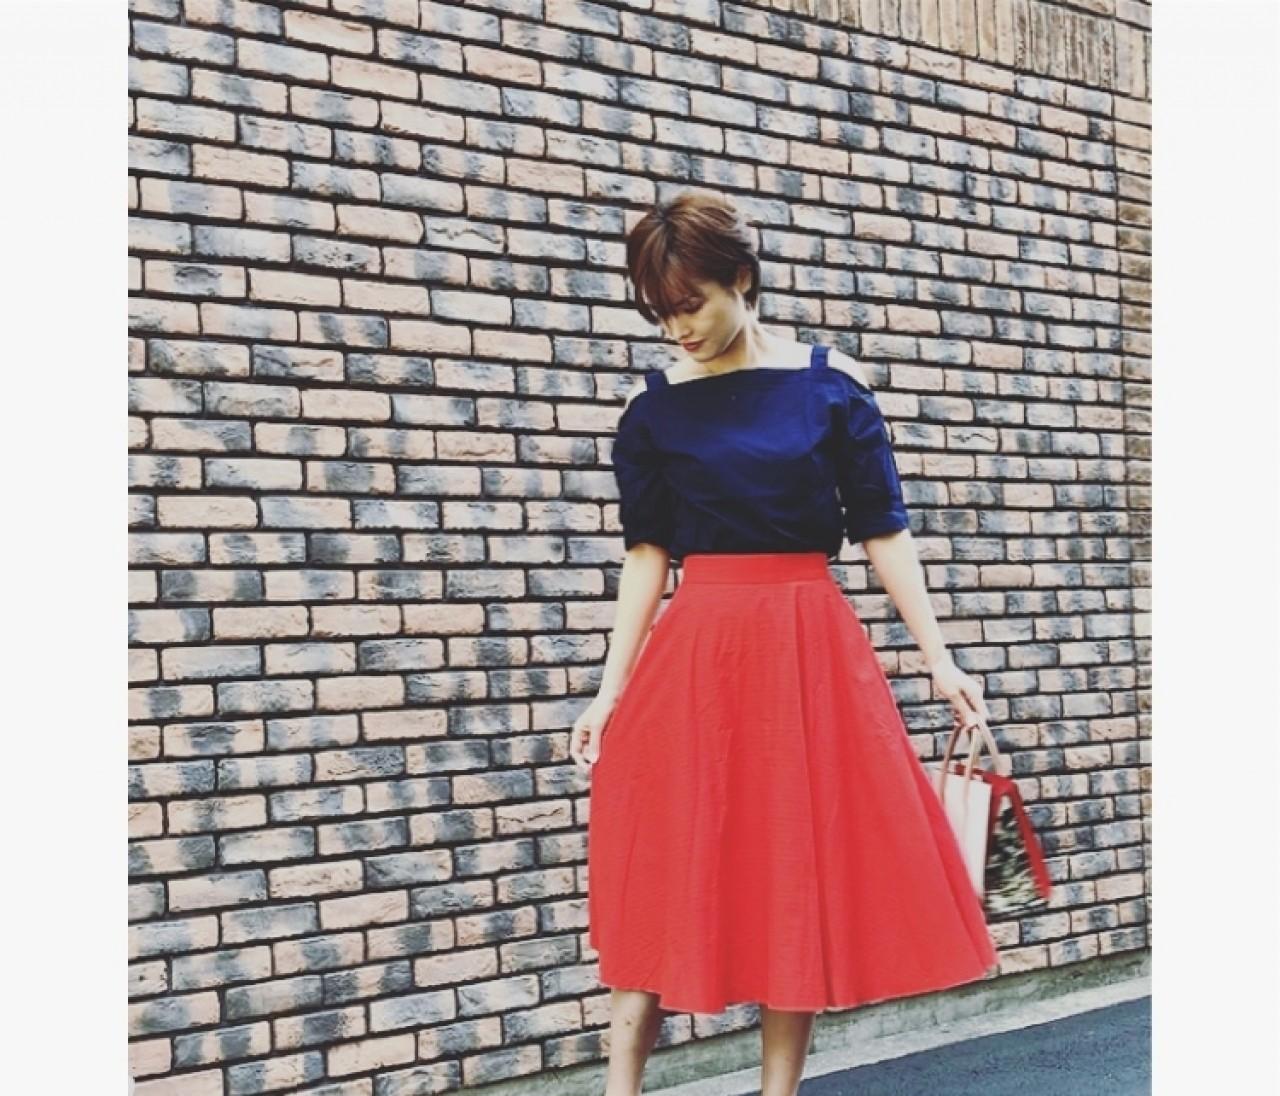 赤色っぽいオレンジが可愛い。UNIQLOのサーキュラースカート